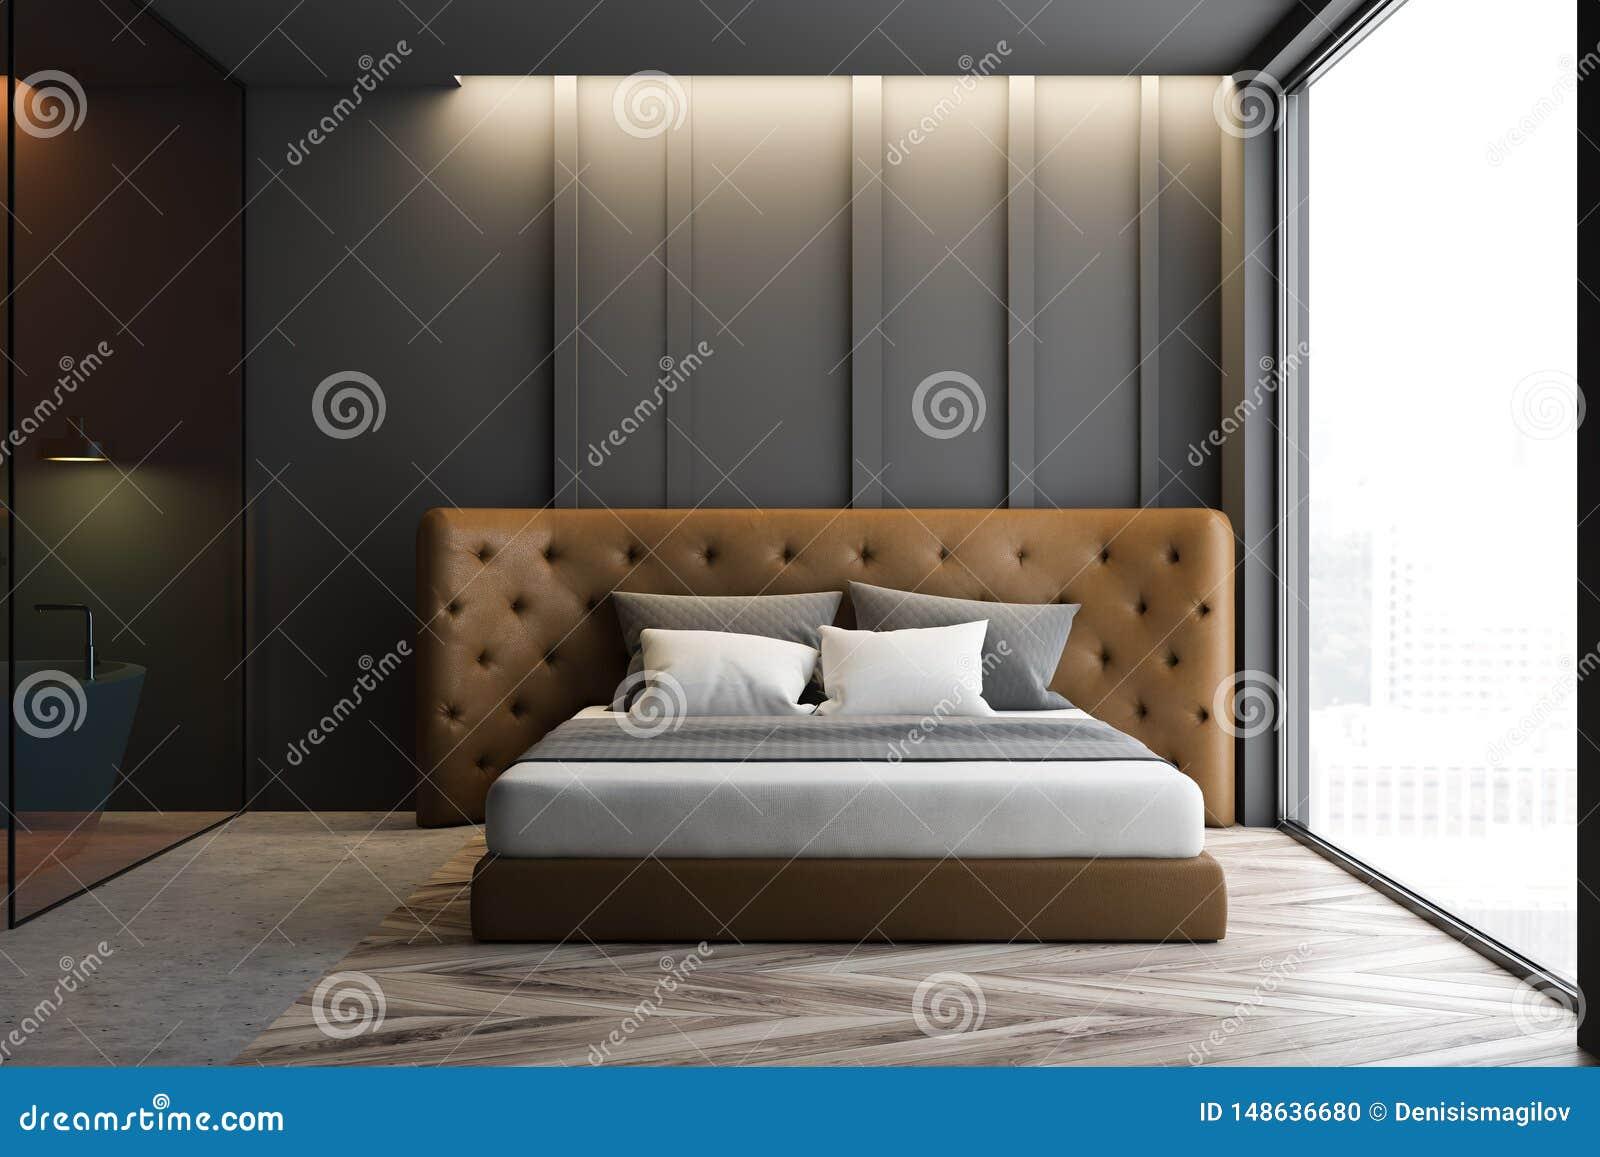 Gray Master Bedroom Interior With Bathroom Stock Illustration Illustration Of Minimal Master 148636680